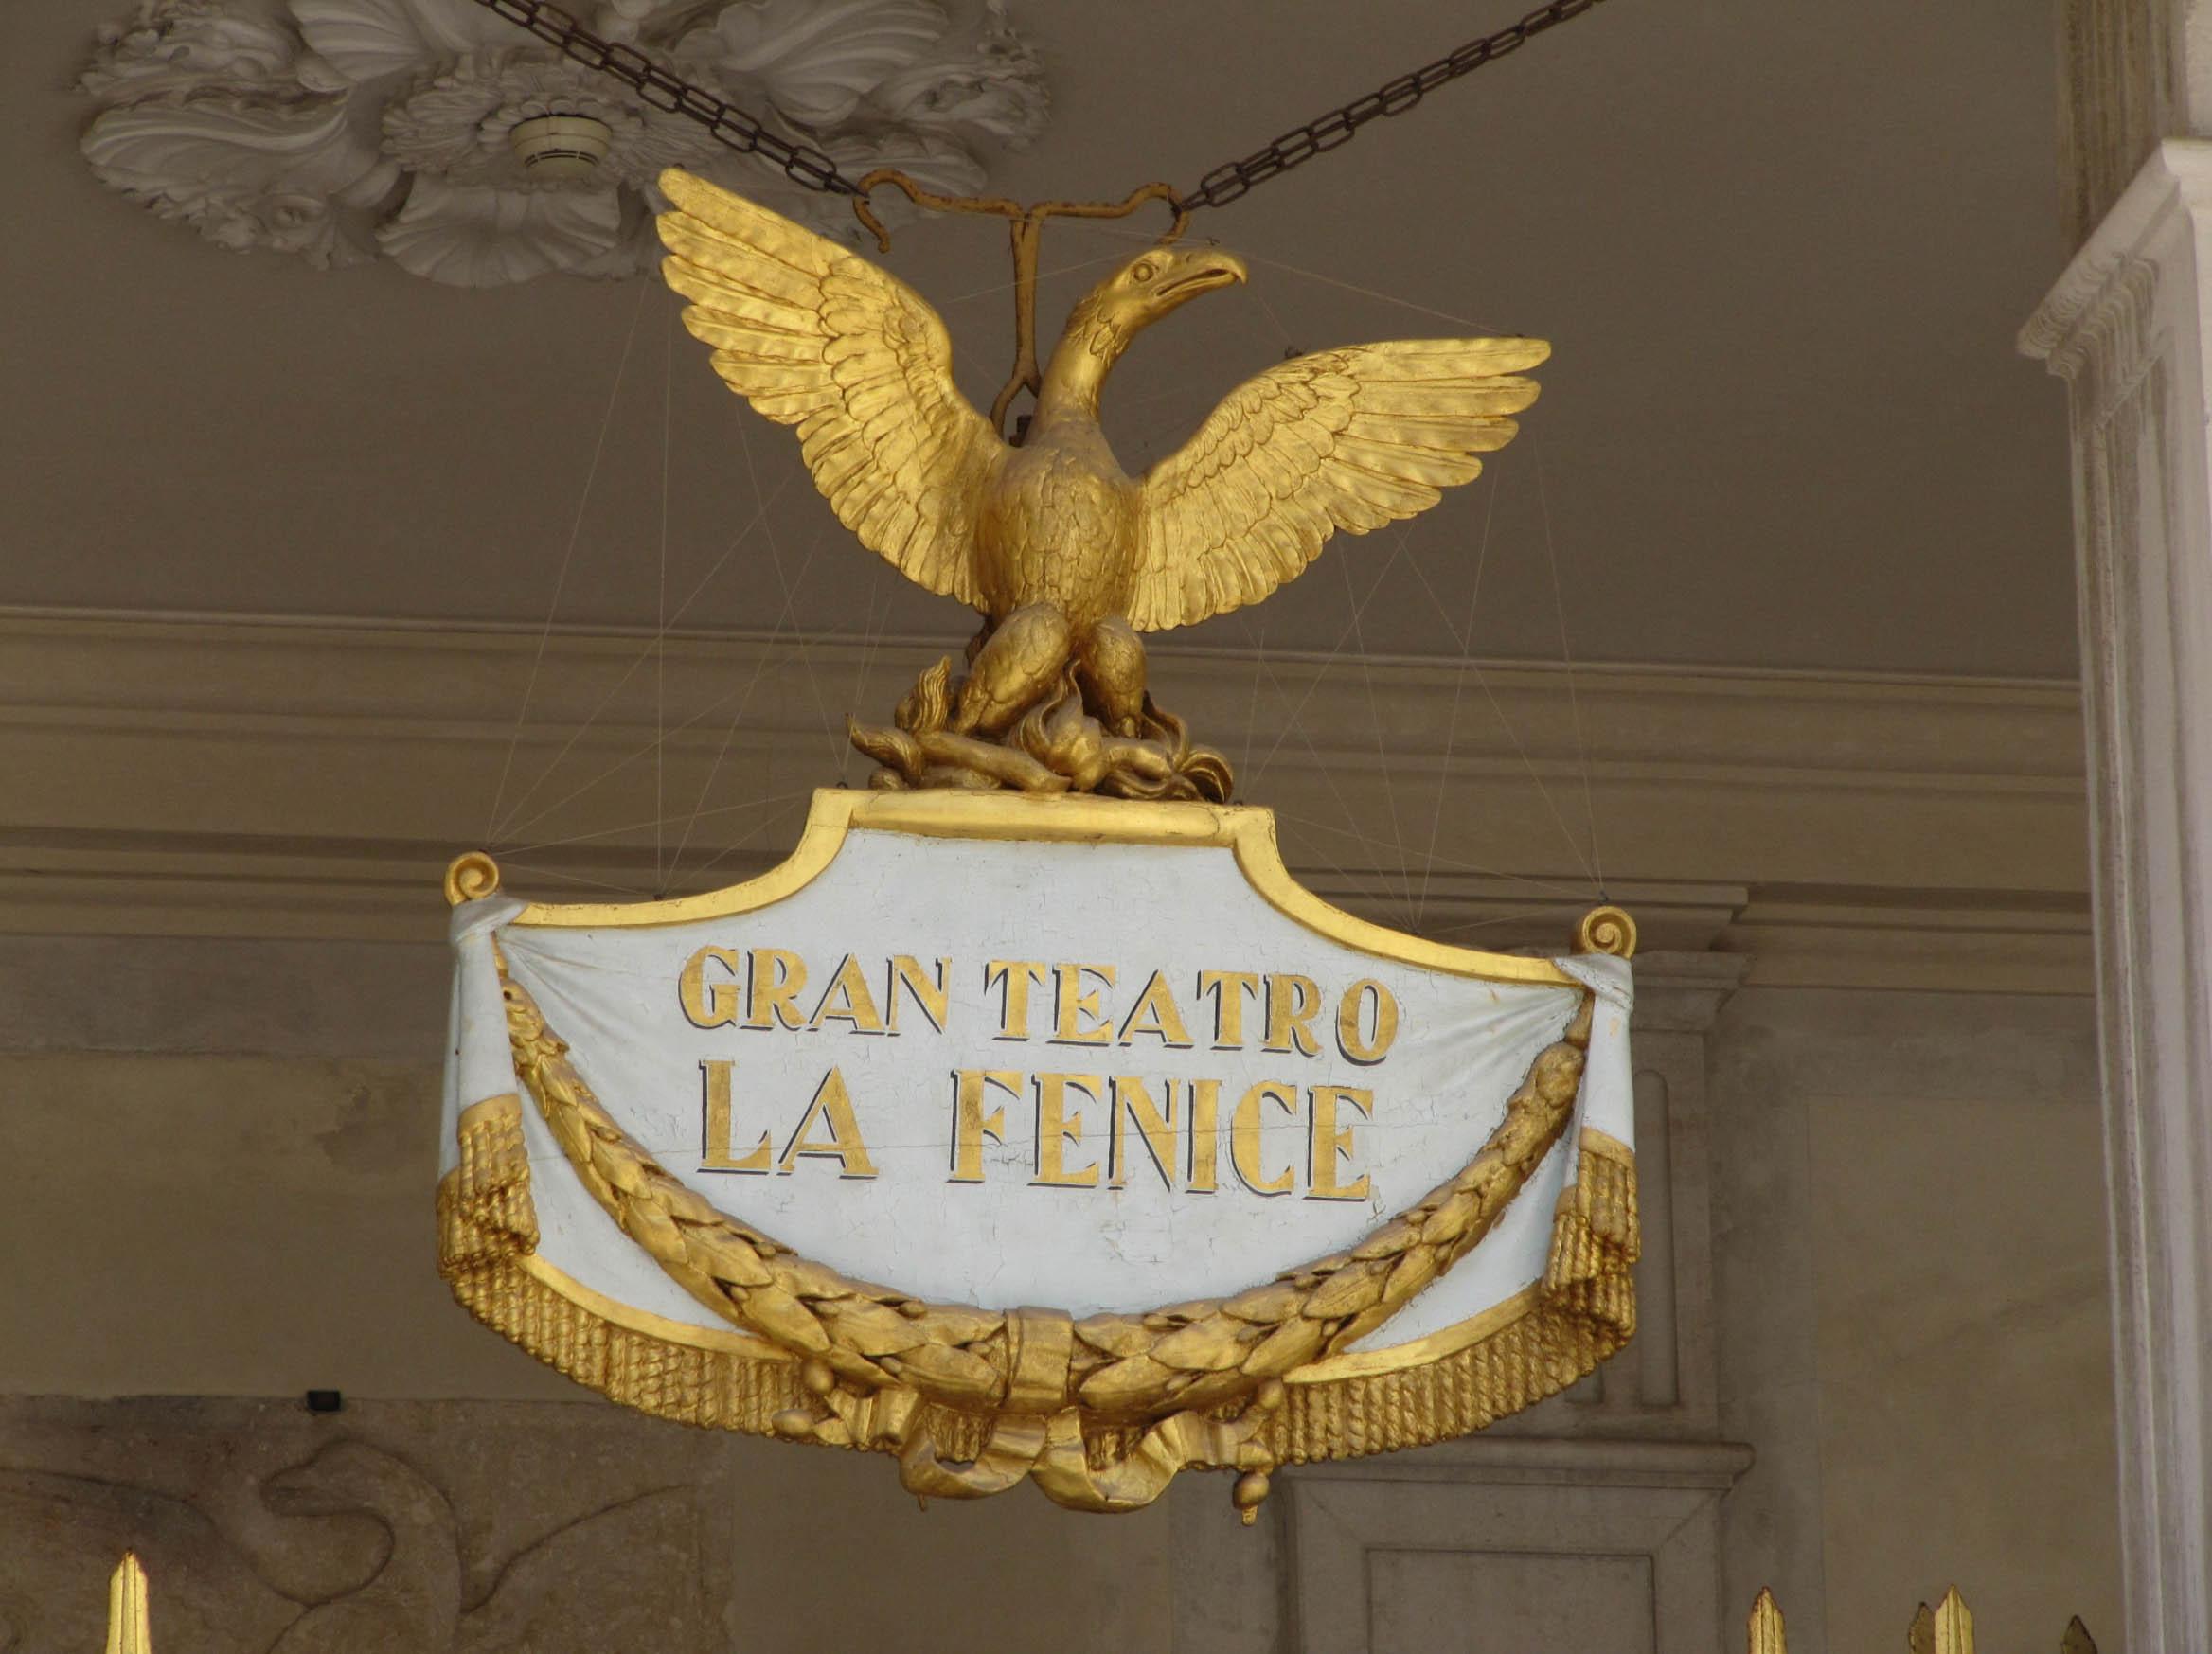 Gran Teatro la Fenice - Venice - Veneto - Italy private tour